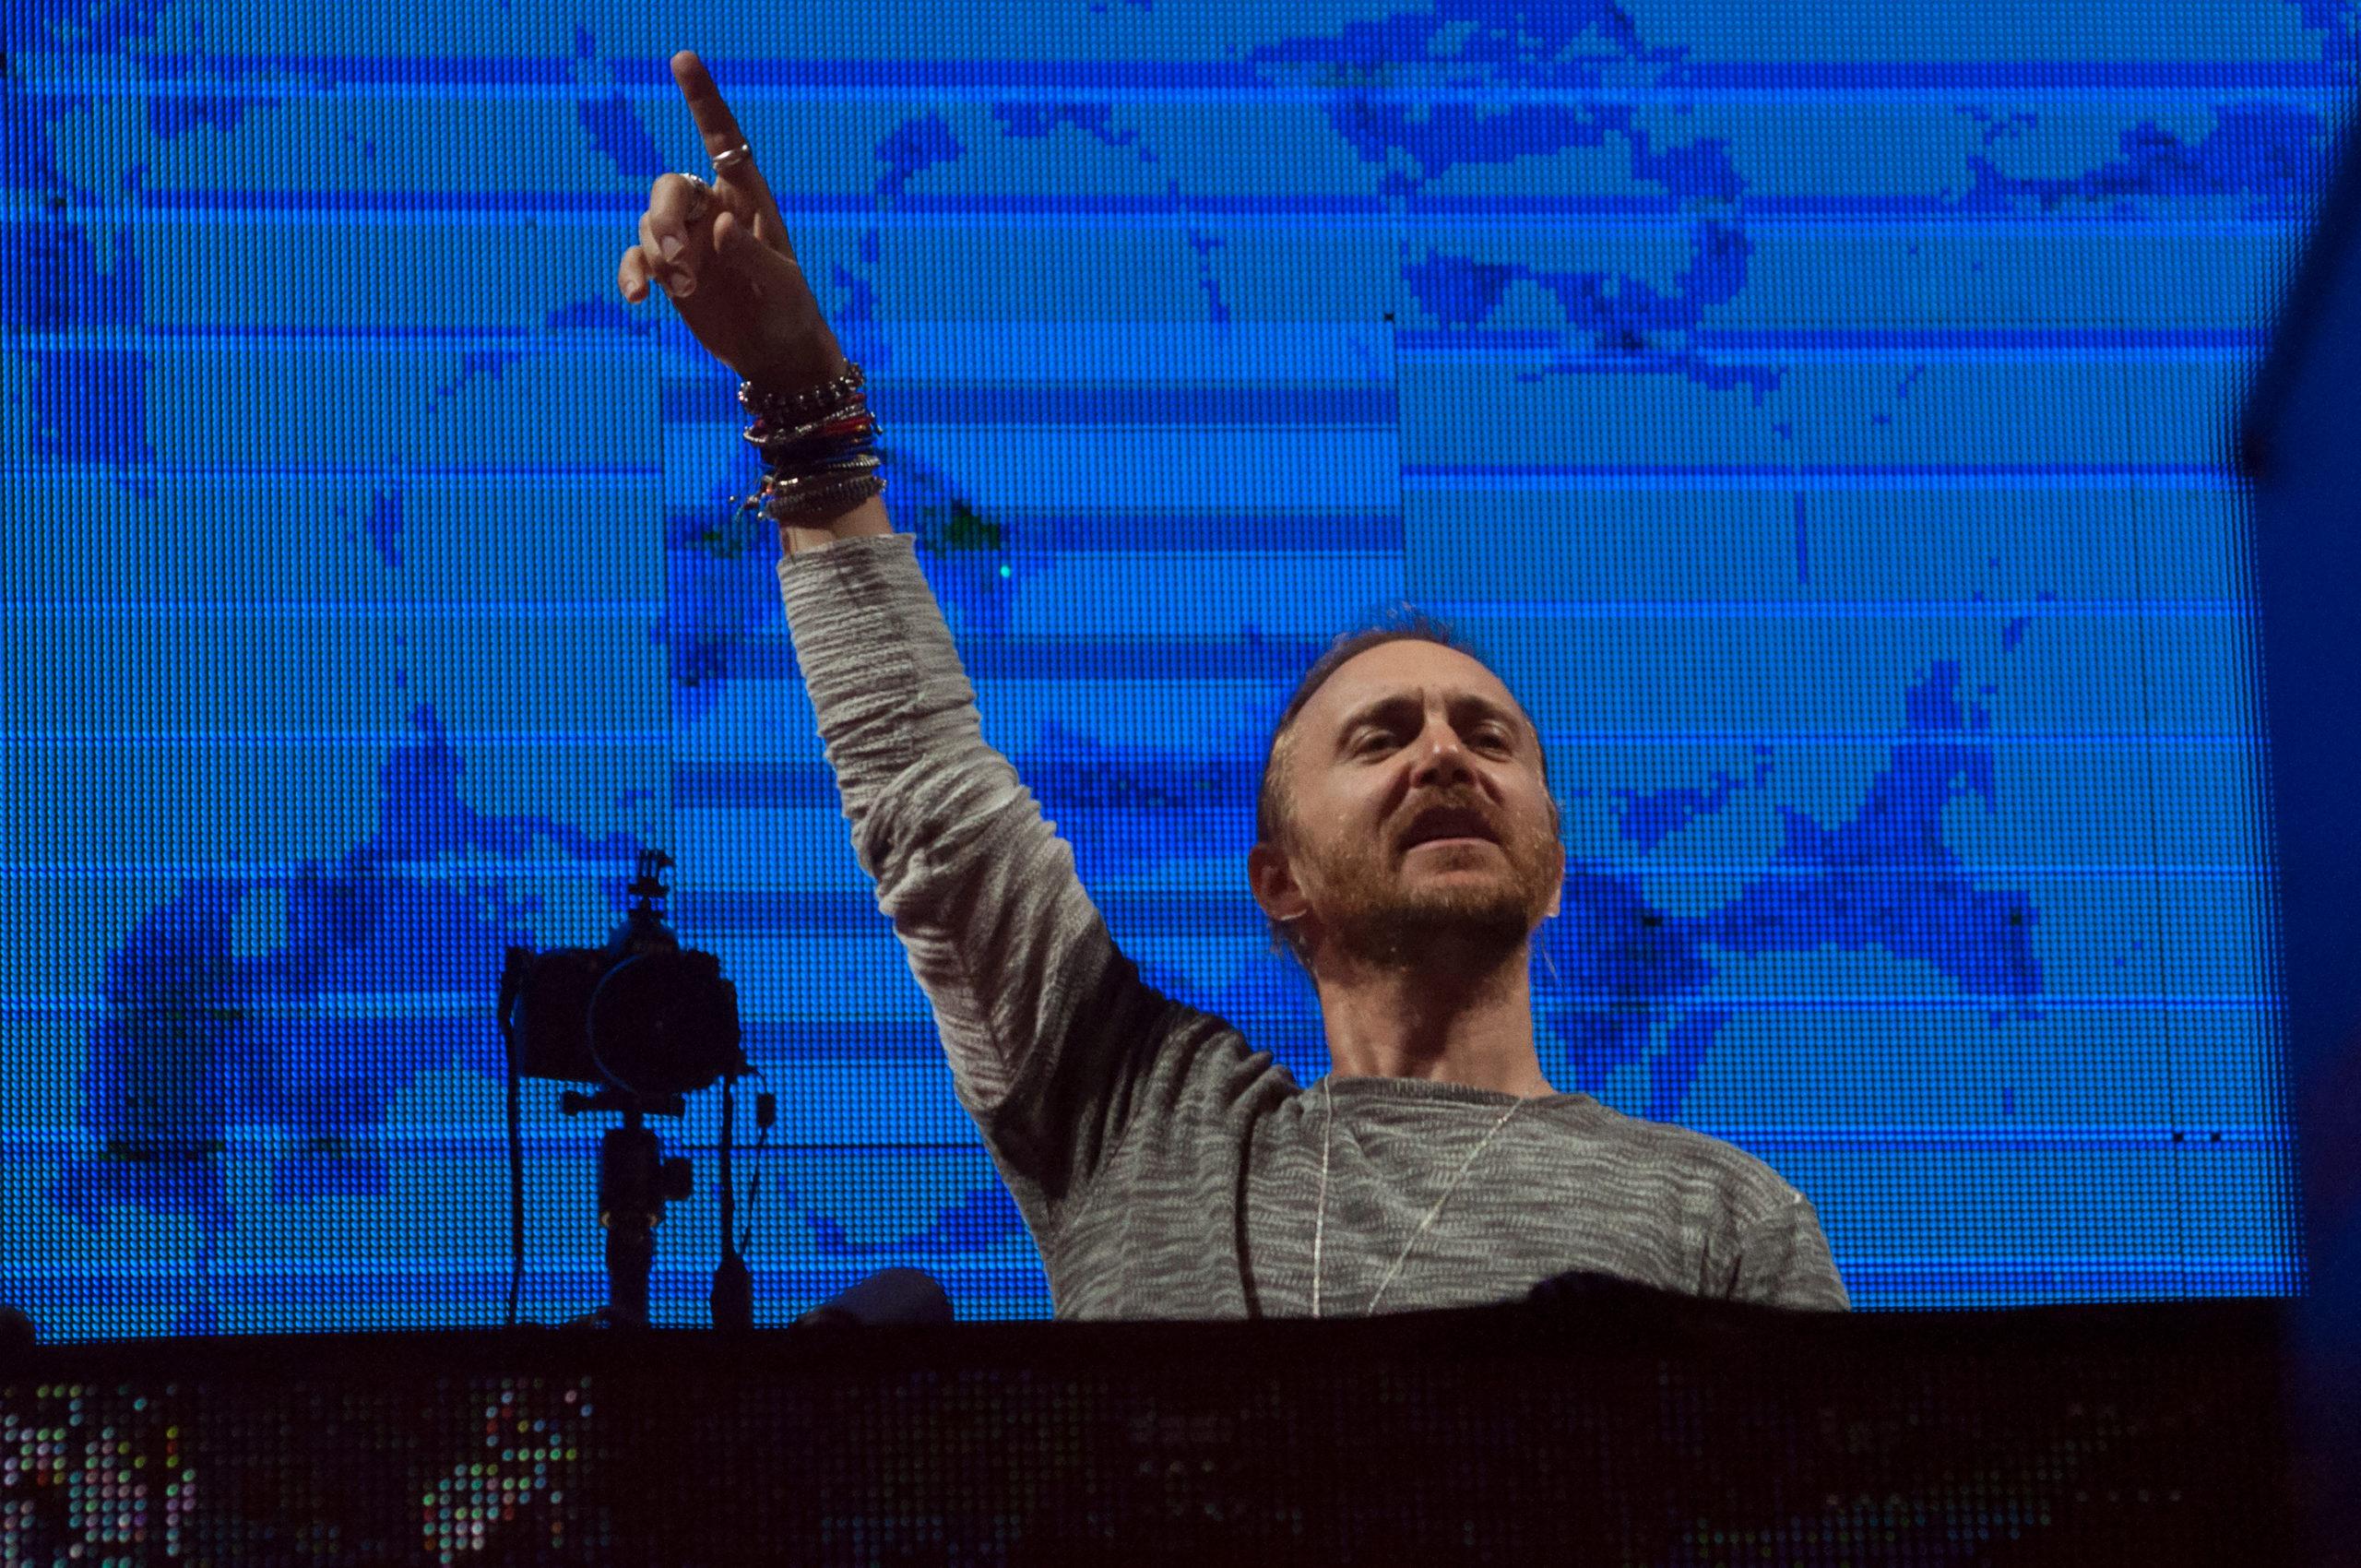 El nuevo sencillo de Guetta que rinde homenaje a Whitney Houston